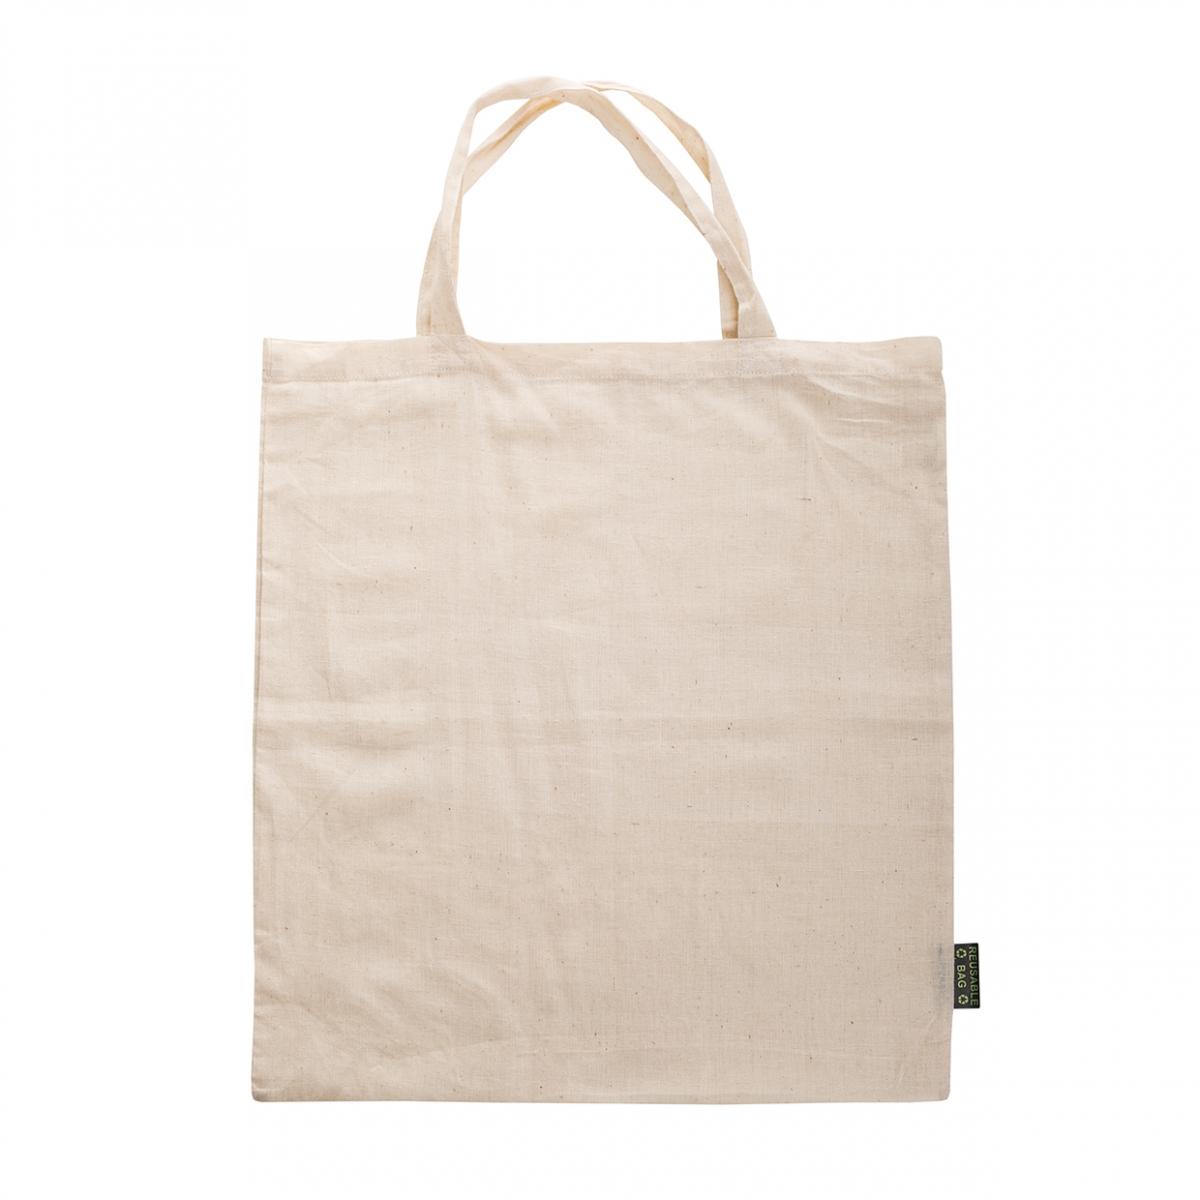 Imagen en la que se ve una bolsa de tela